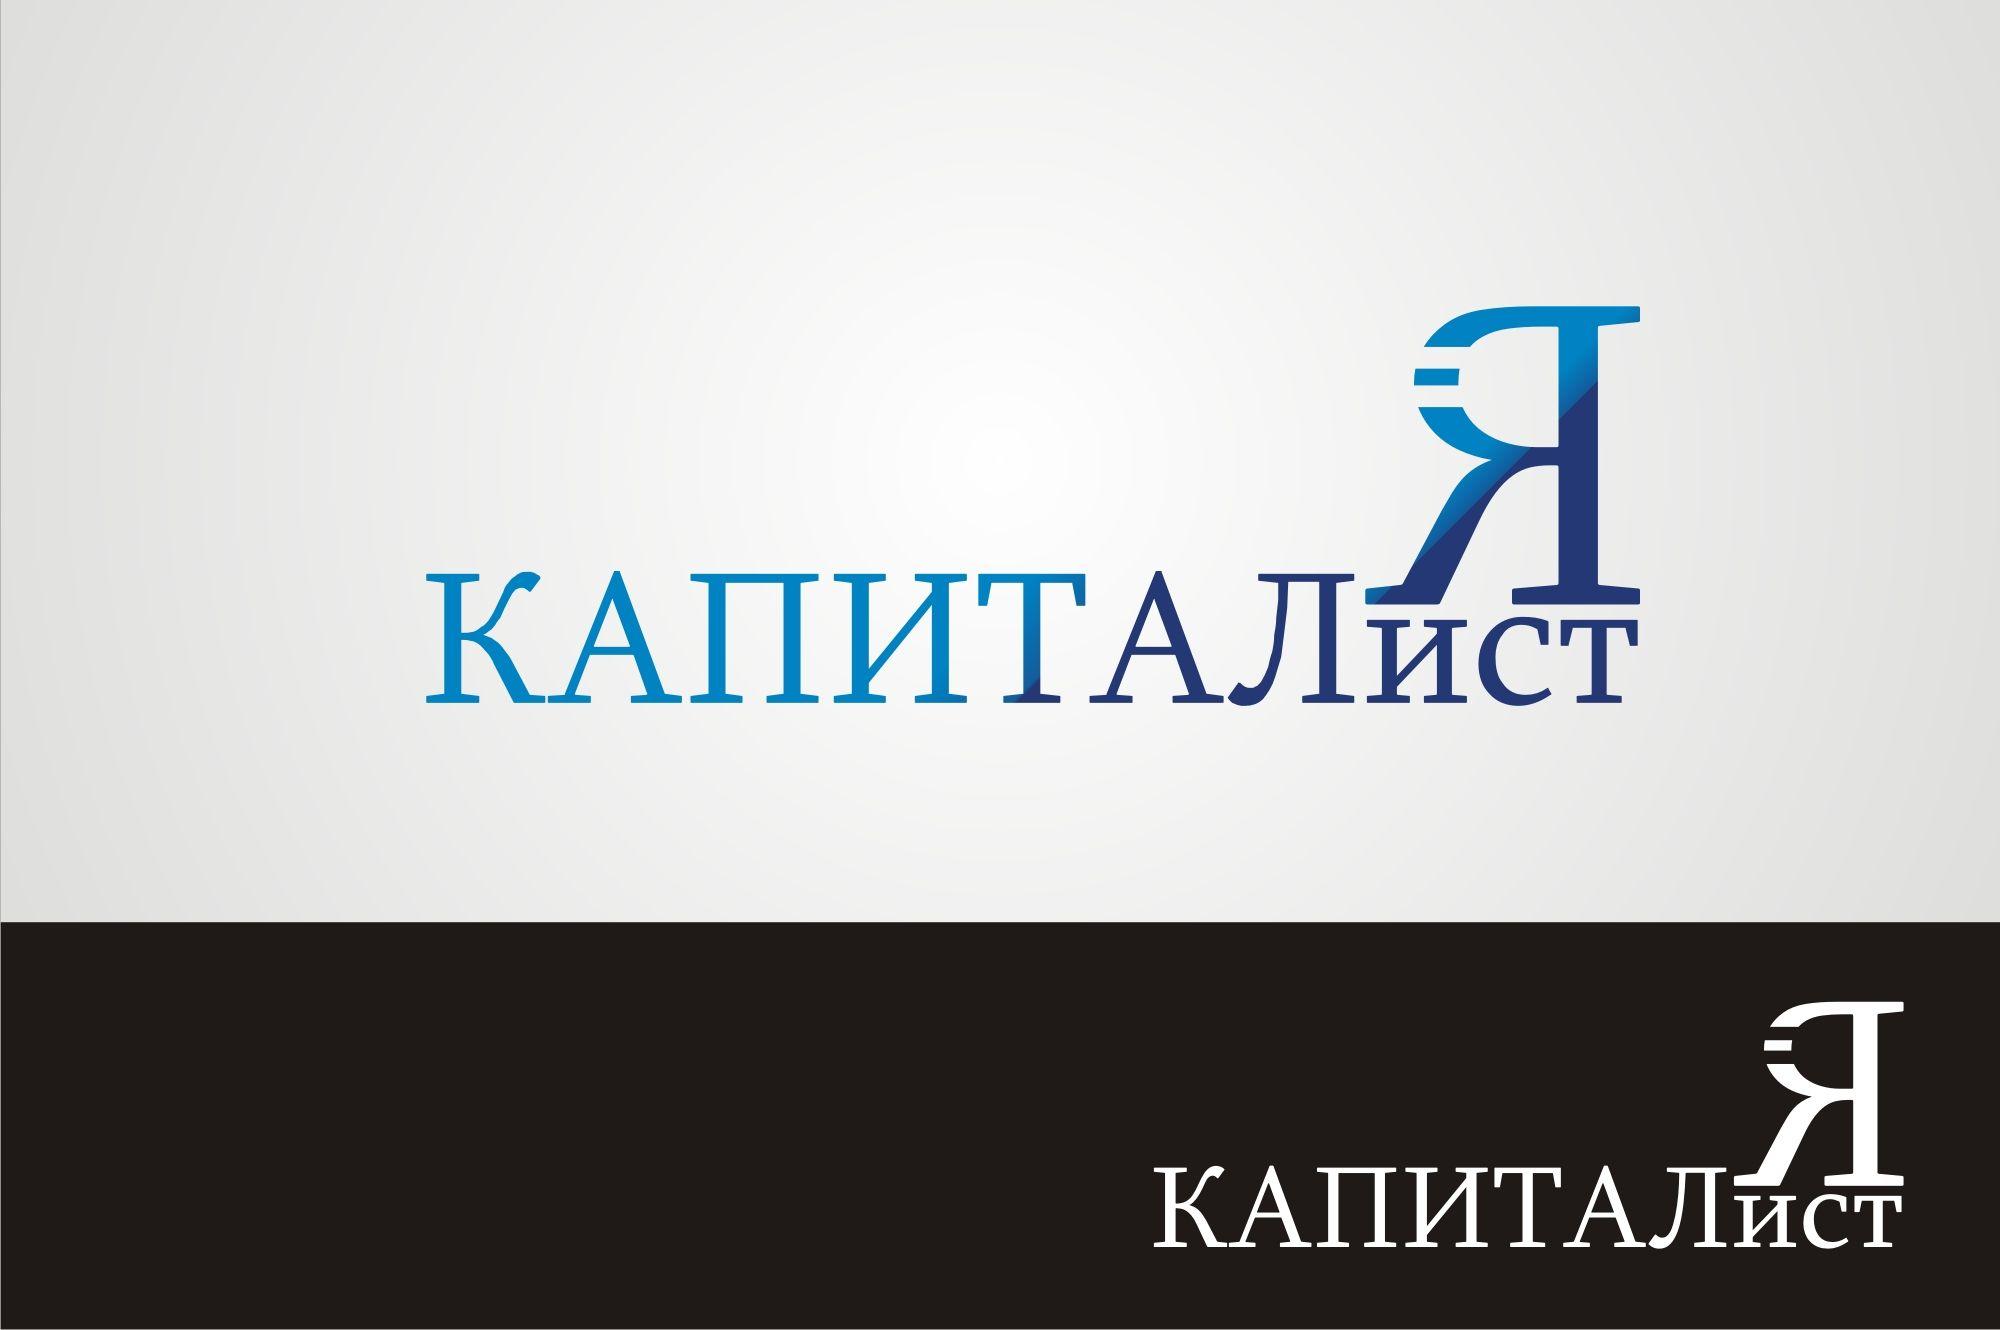 Я капиталист (лого для веб-сайта) - дизайнер Natalie_Santer